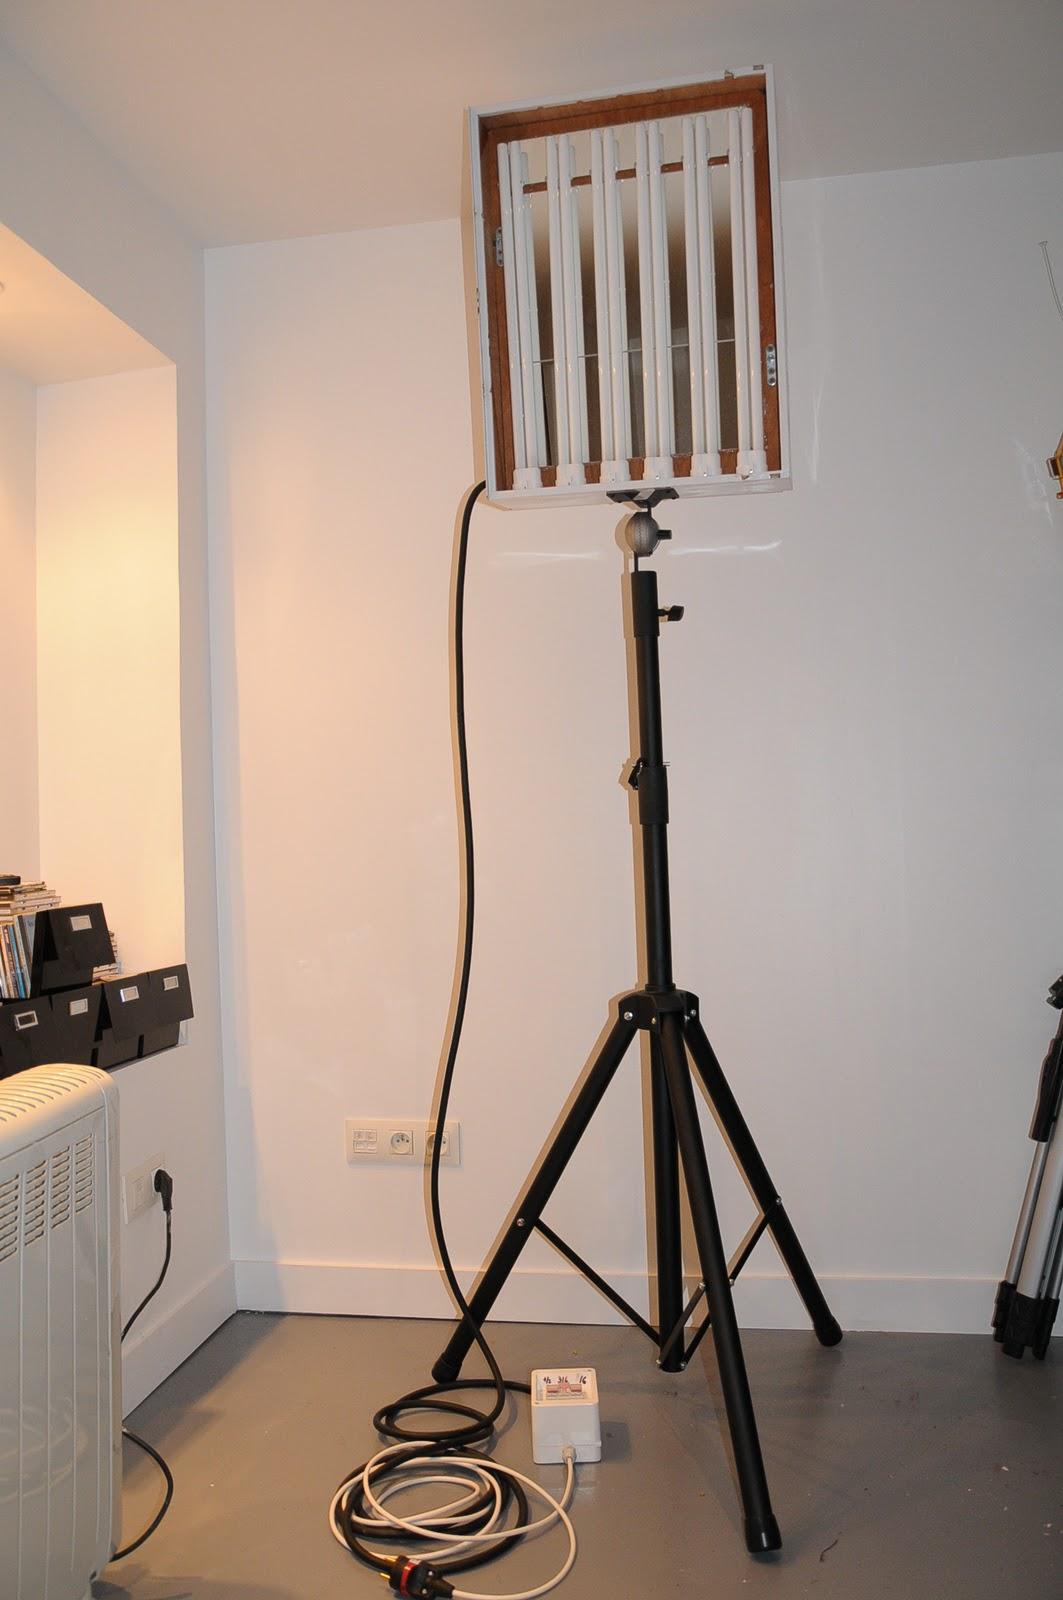 st nop et photo num rique le coupe flux et le pied. Black Bedroom Furniture Sets. Home Design Ideas